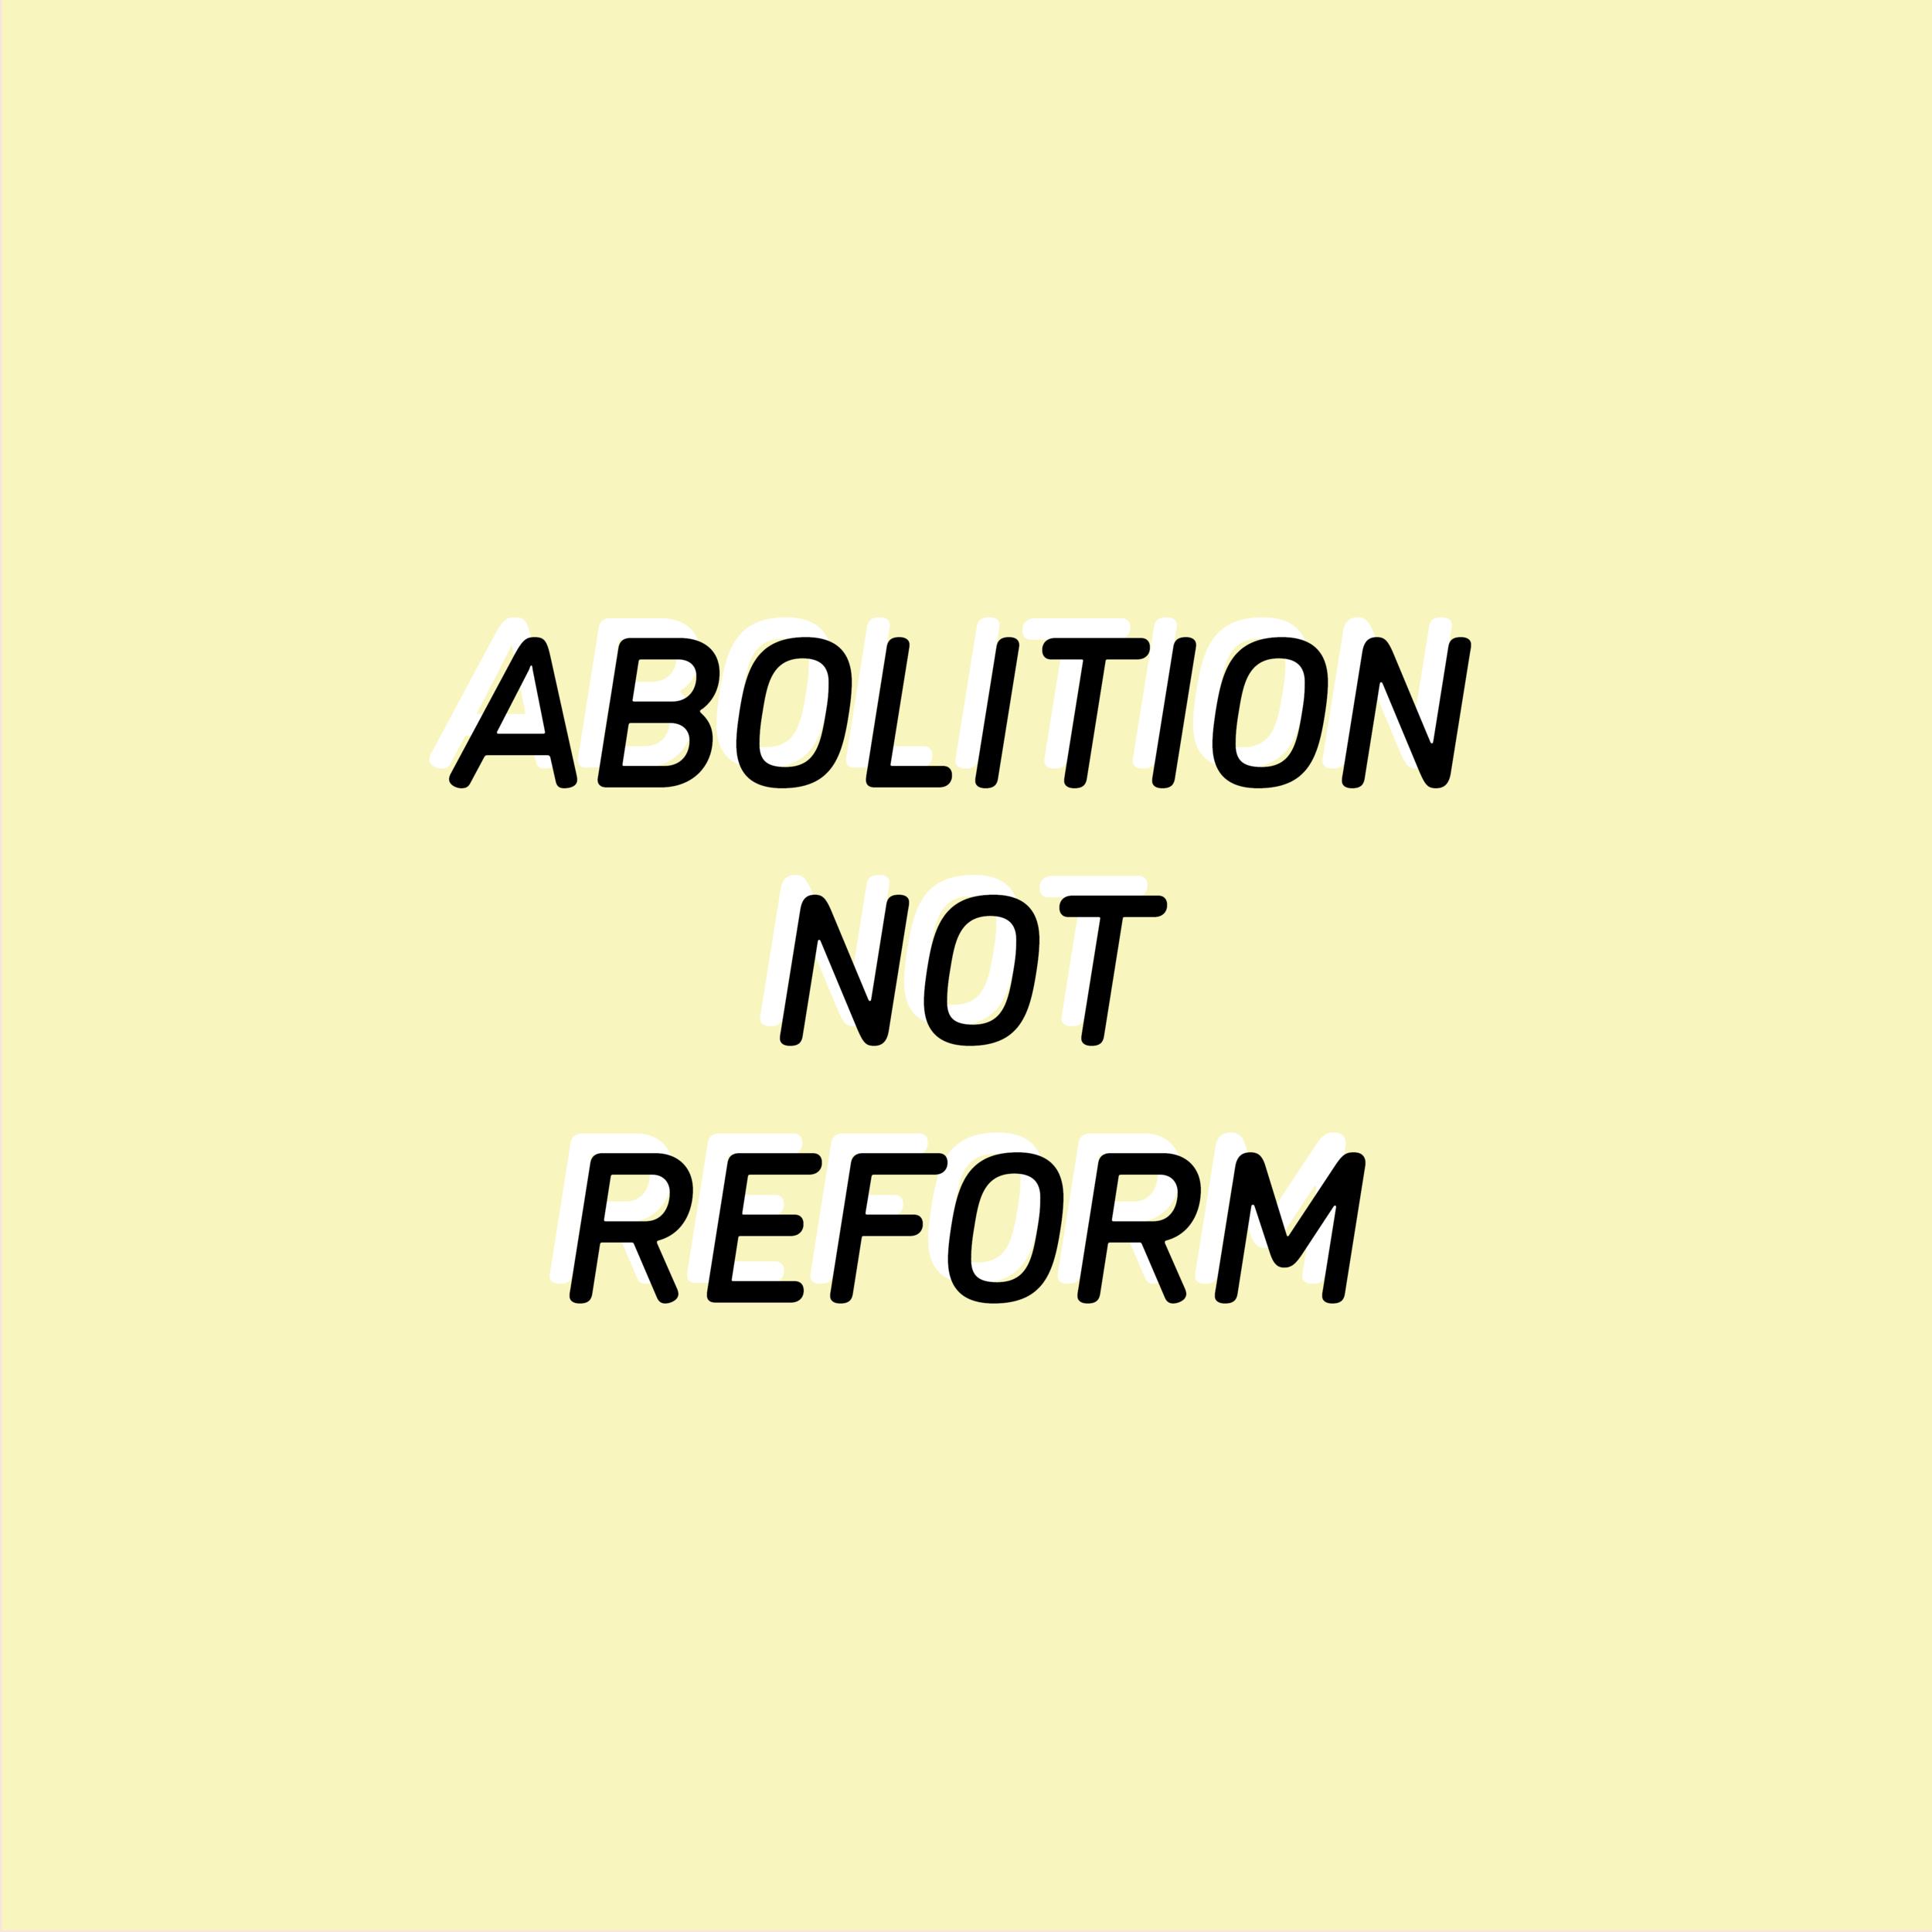 ABOLITION NOT REFORM V3.png